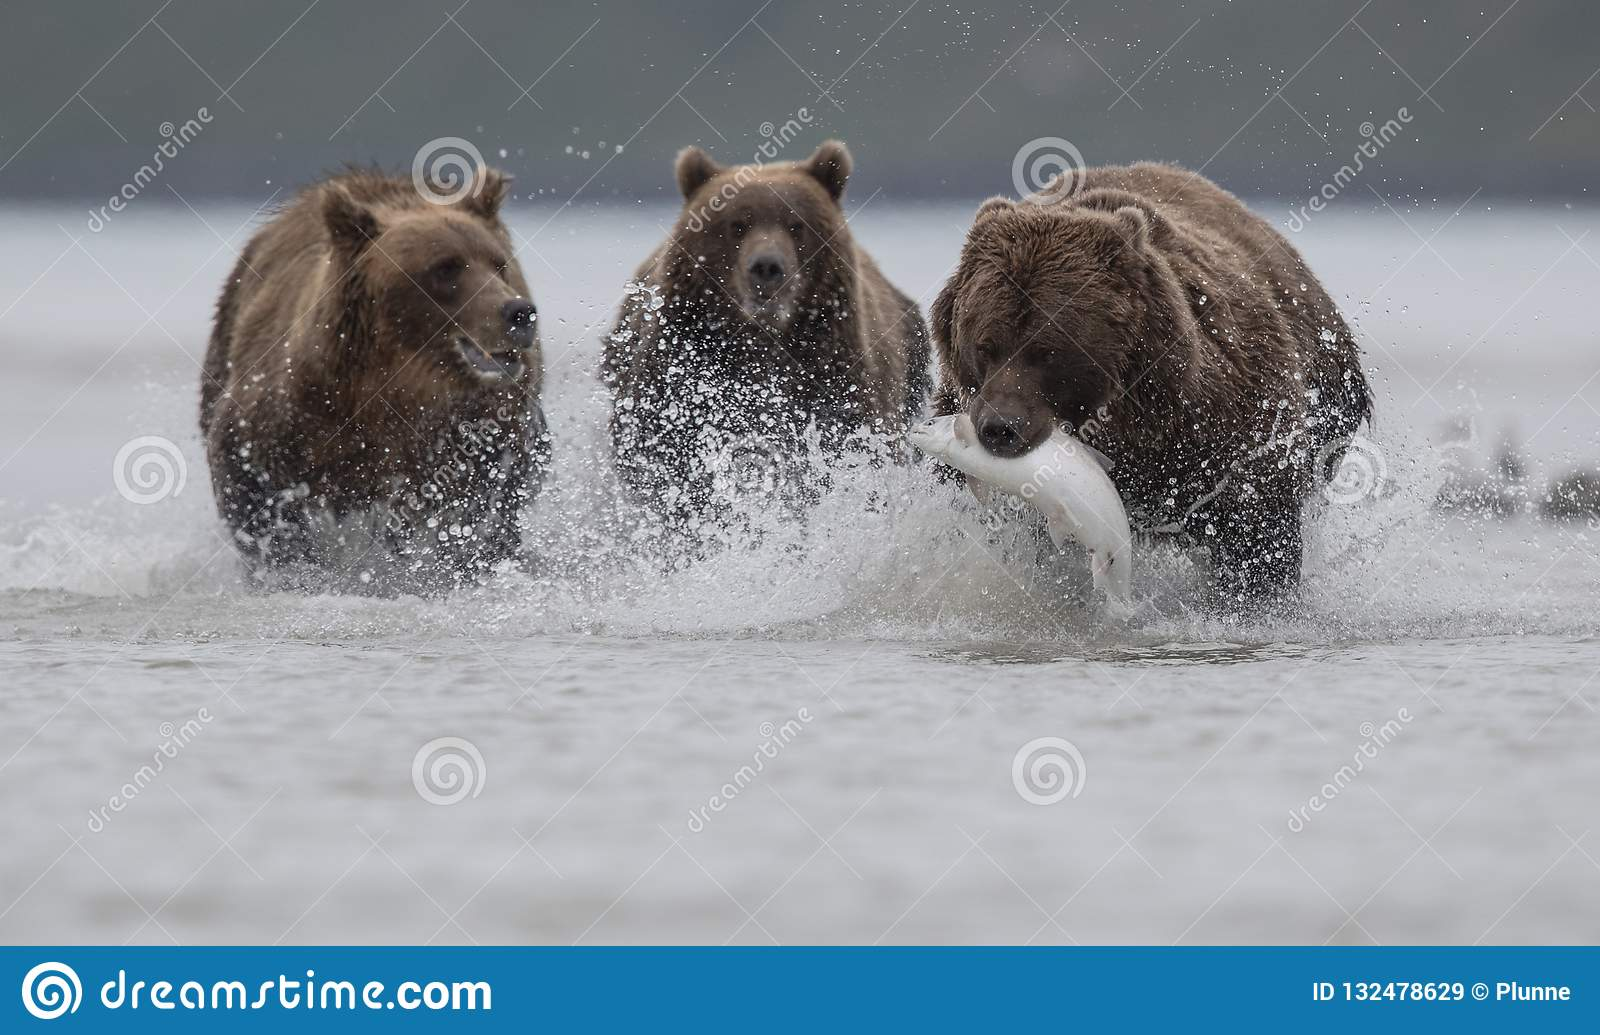 Un oso grizzly que lleva a un Salomon, perseguido por dos osos grizzly, en Katmai